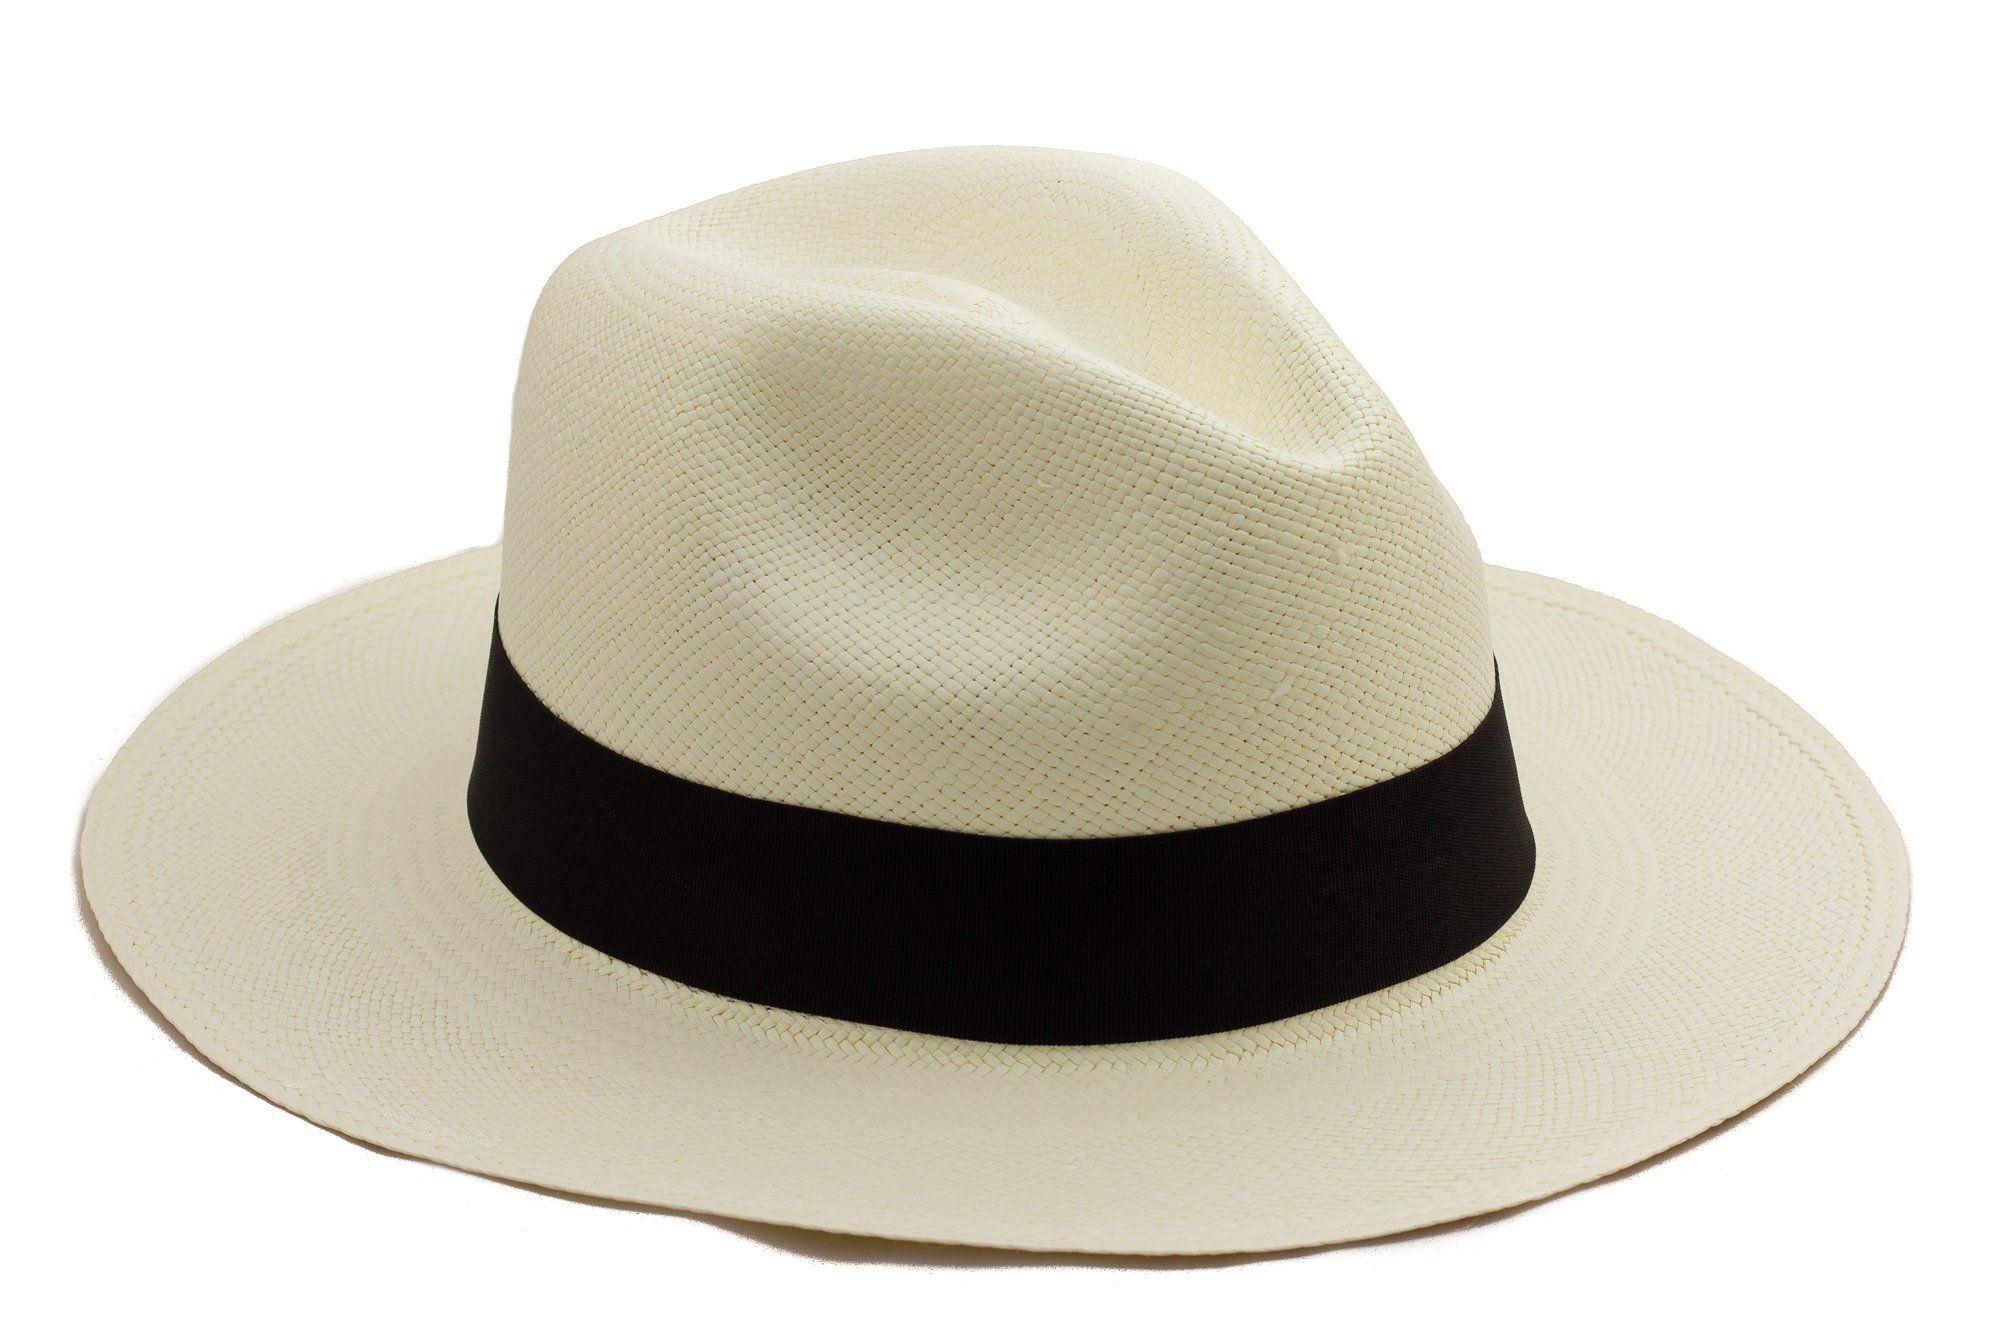 bc72d56803a91 Tumi Unisex Foldable Hand Woven Fedora Panama Hat  Amazon.co.uk  Clothing